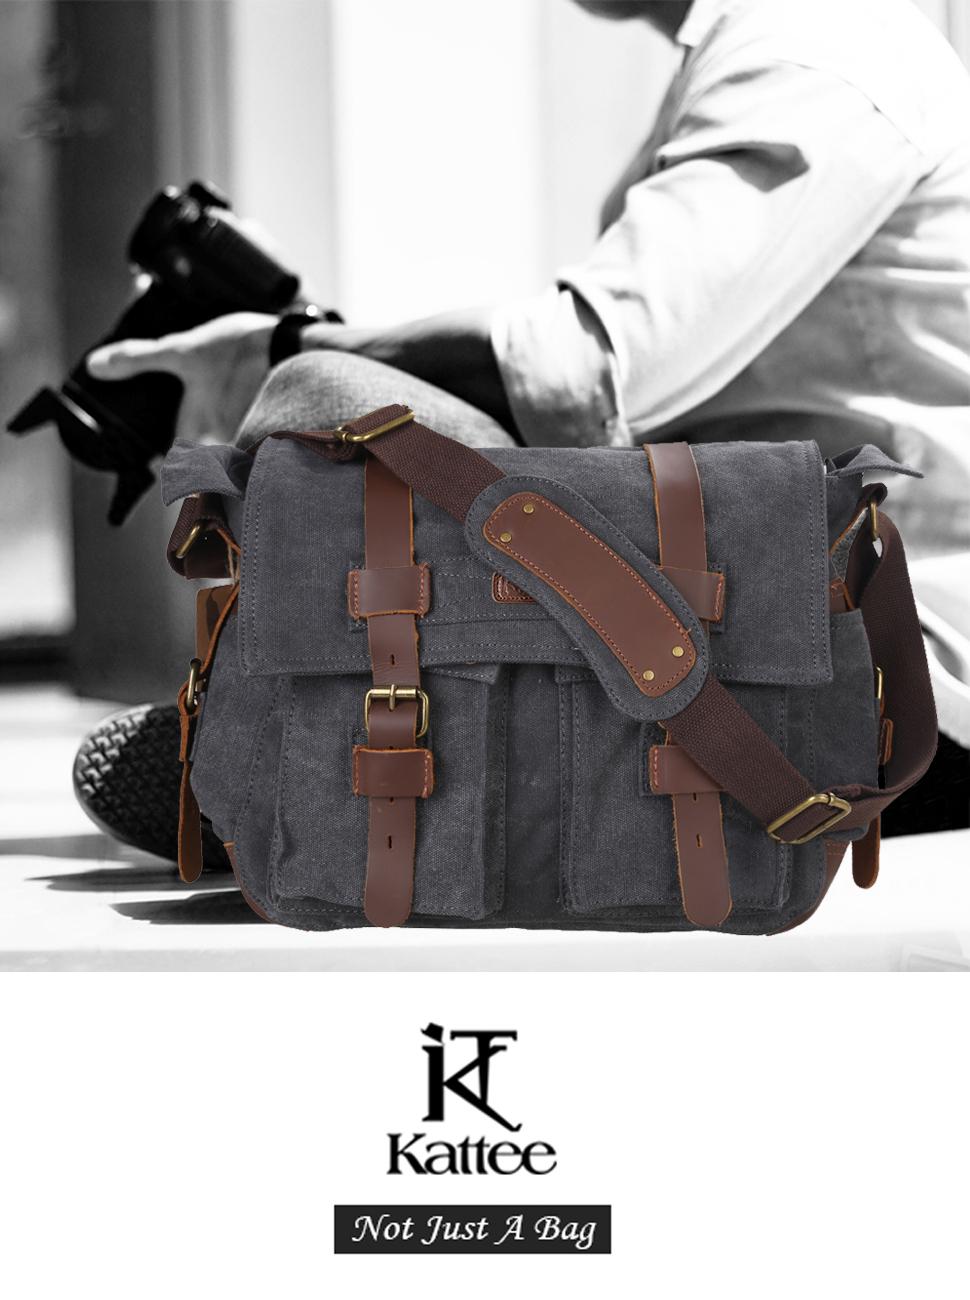 97b59a773 Kattee Men's Canvas Leather DSLR SLR Vintage Camera Messenger Bag